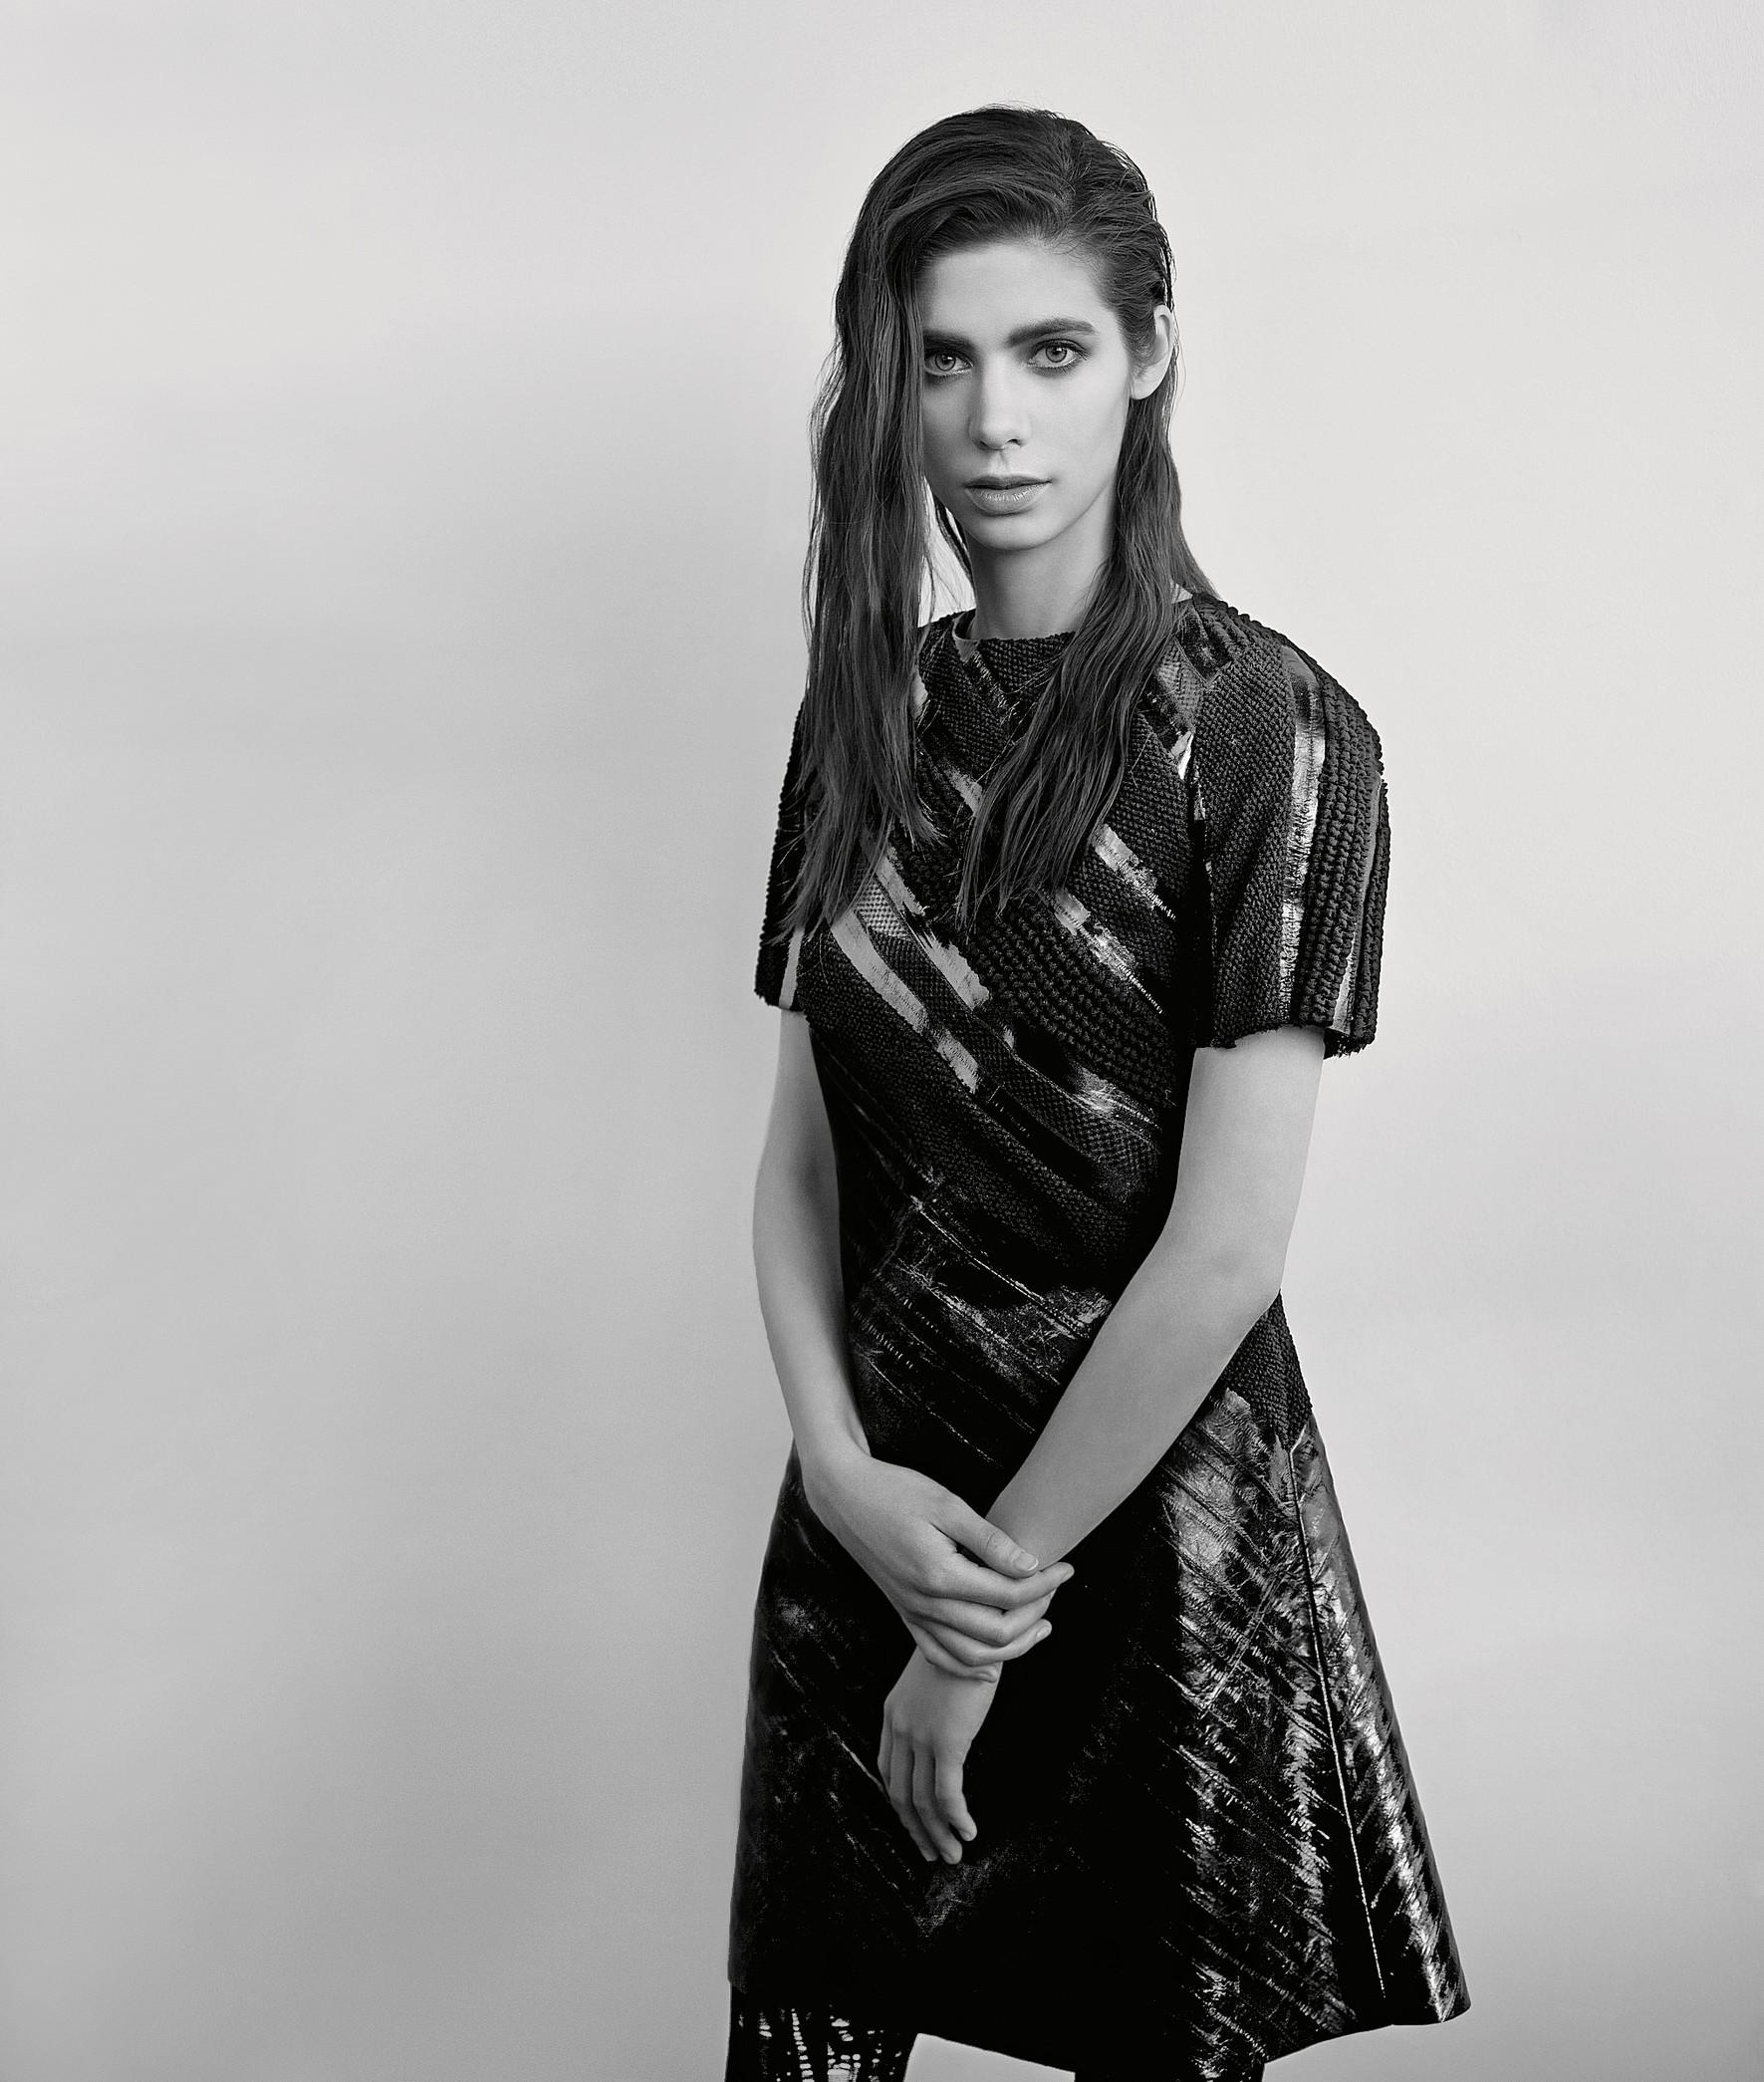 НаАсе: платье, легинсы LOUIS VUITTON